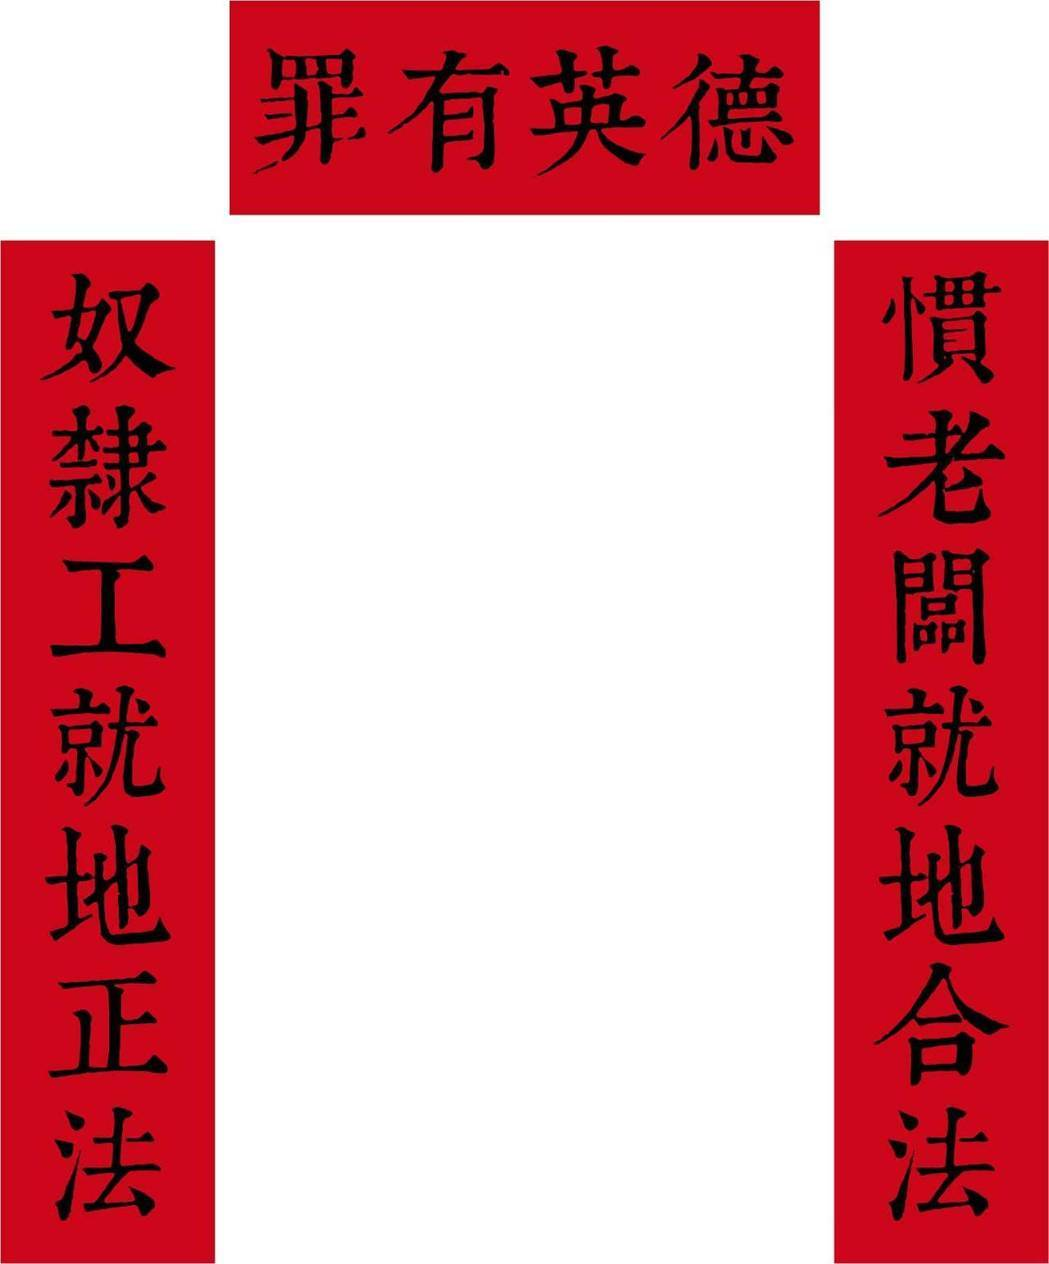 """台网友想出春联""""罪有英德""""痛批台当局 被推爆""""哪里可以买"""""""